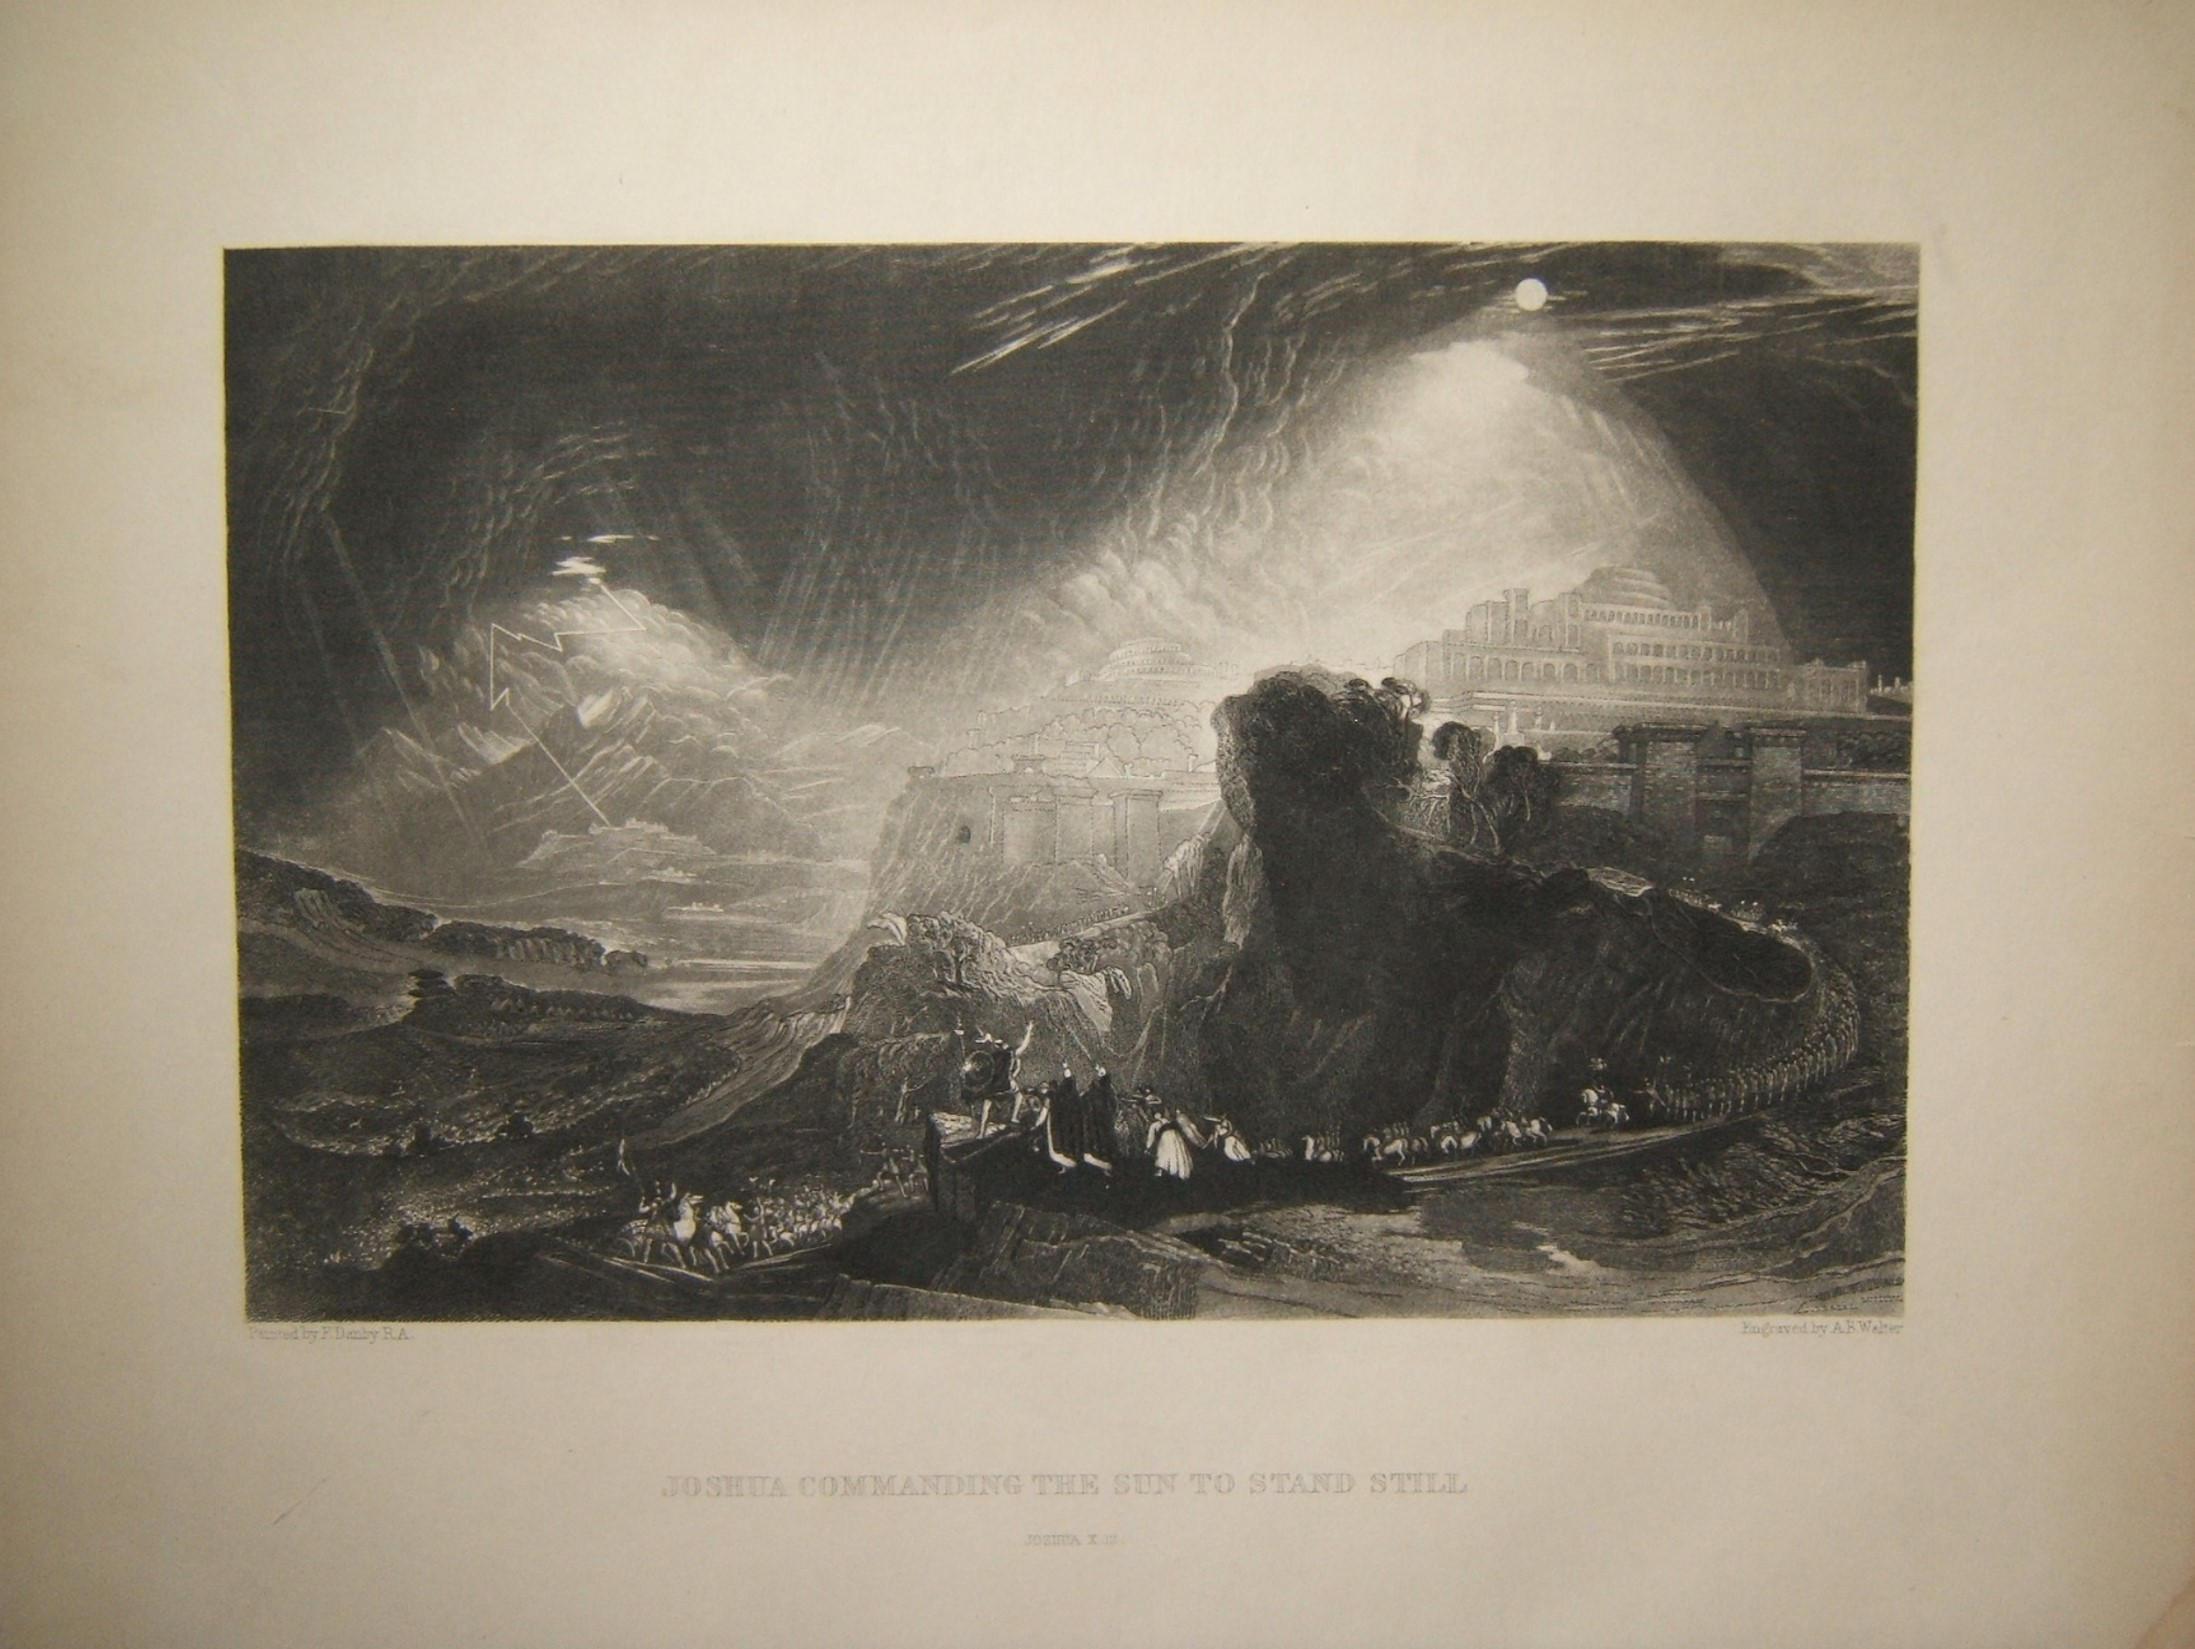 طباعة الكتاب المقدس يشوع قيادة الشمس للوقوف ؛ Danby RA & Walter، 19th 19th